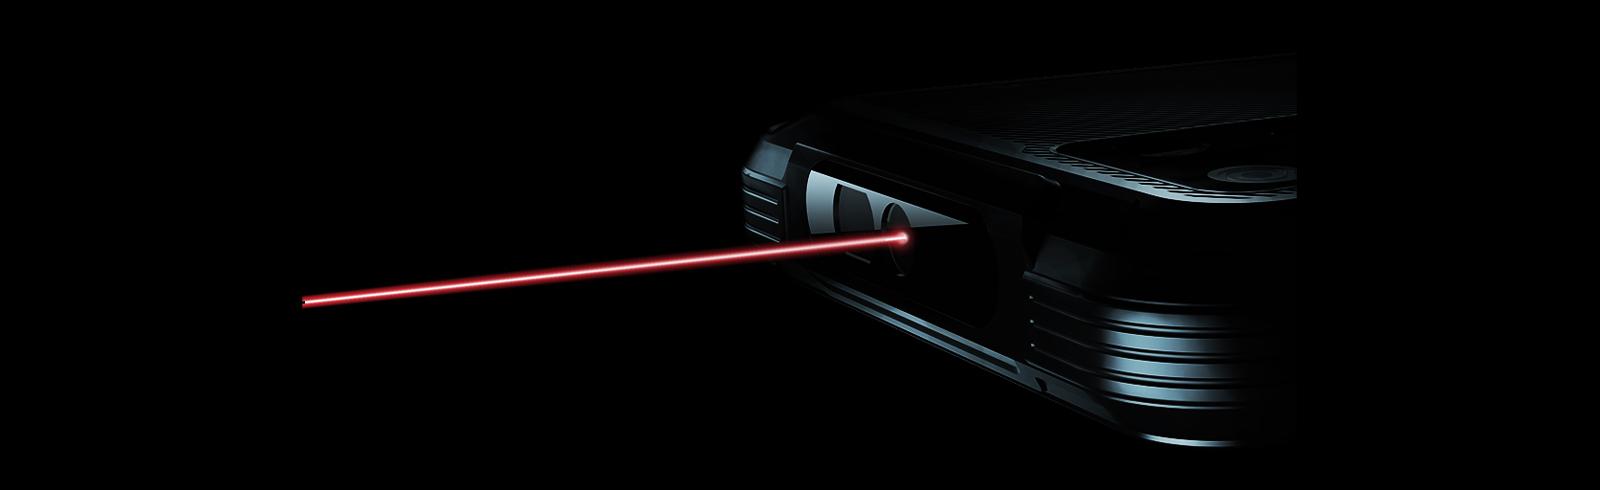 Doogee S97 Pro是全球第一款带有激光测距仪的智能手机,Doogee宣布了赠品